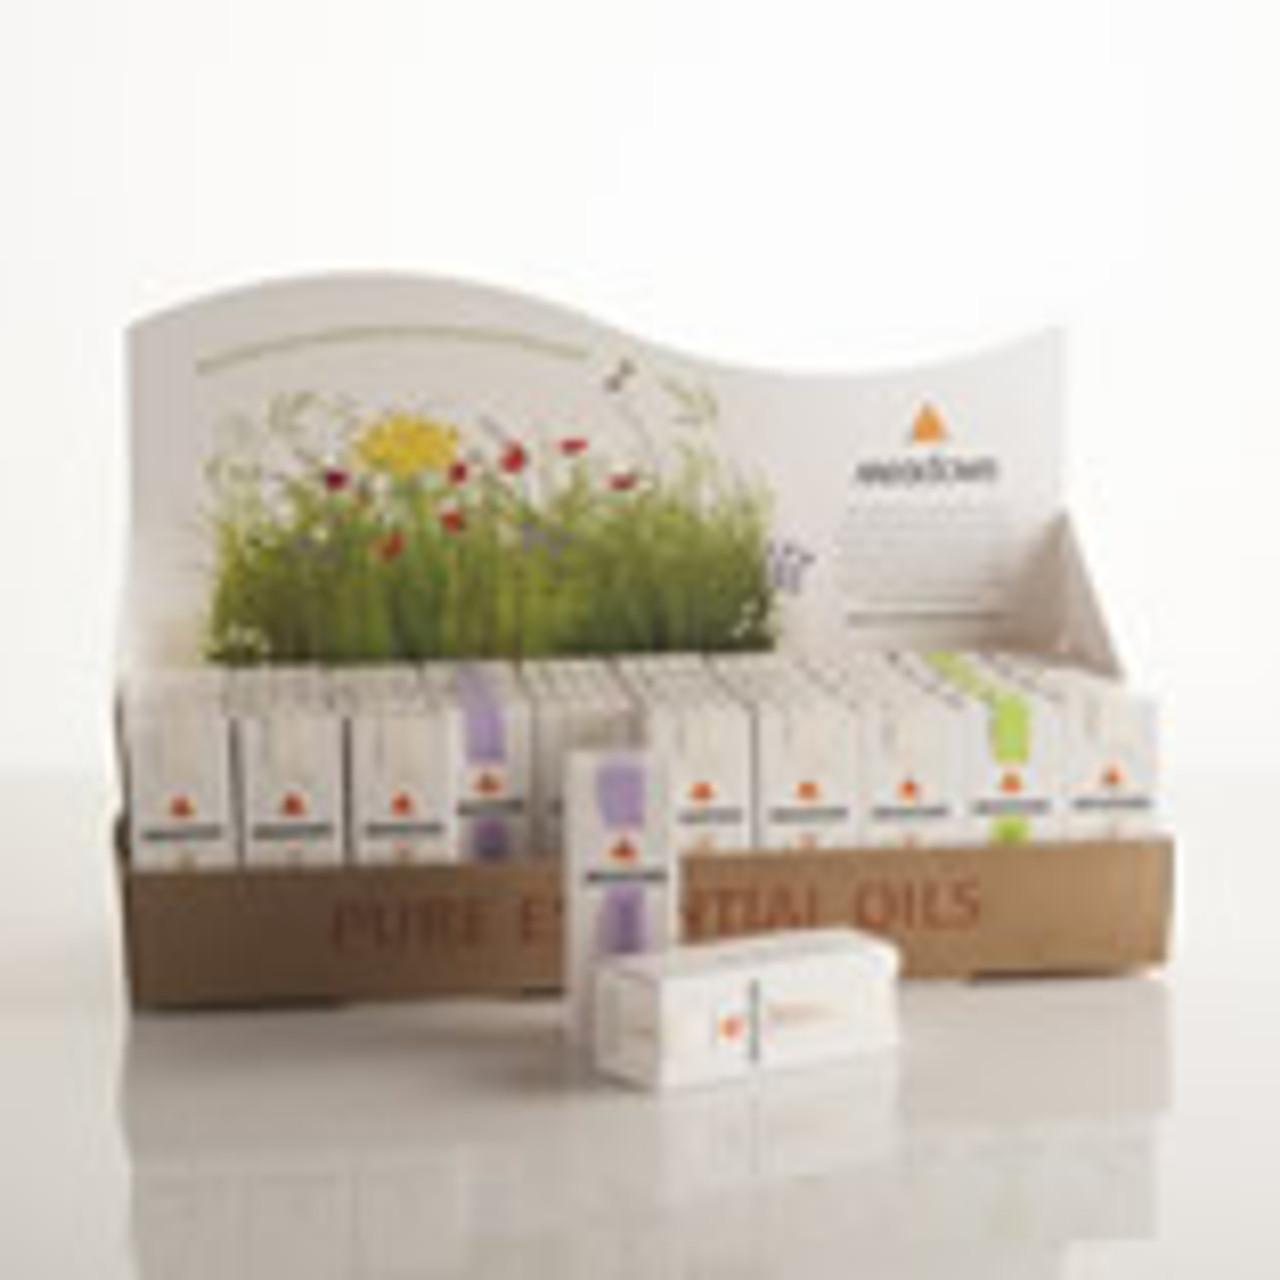 meadows essential oils